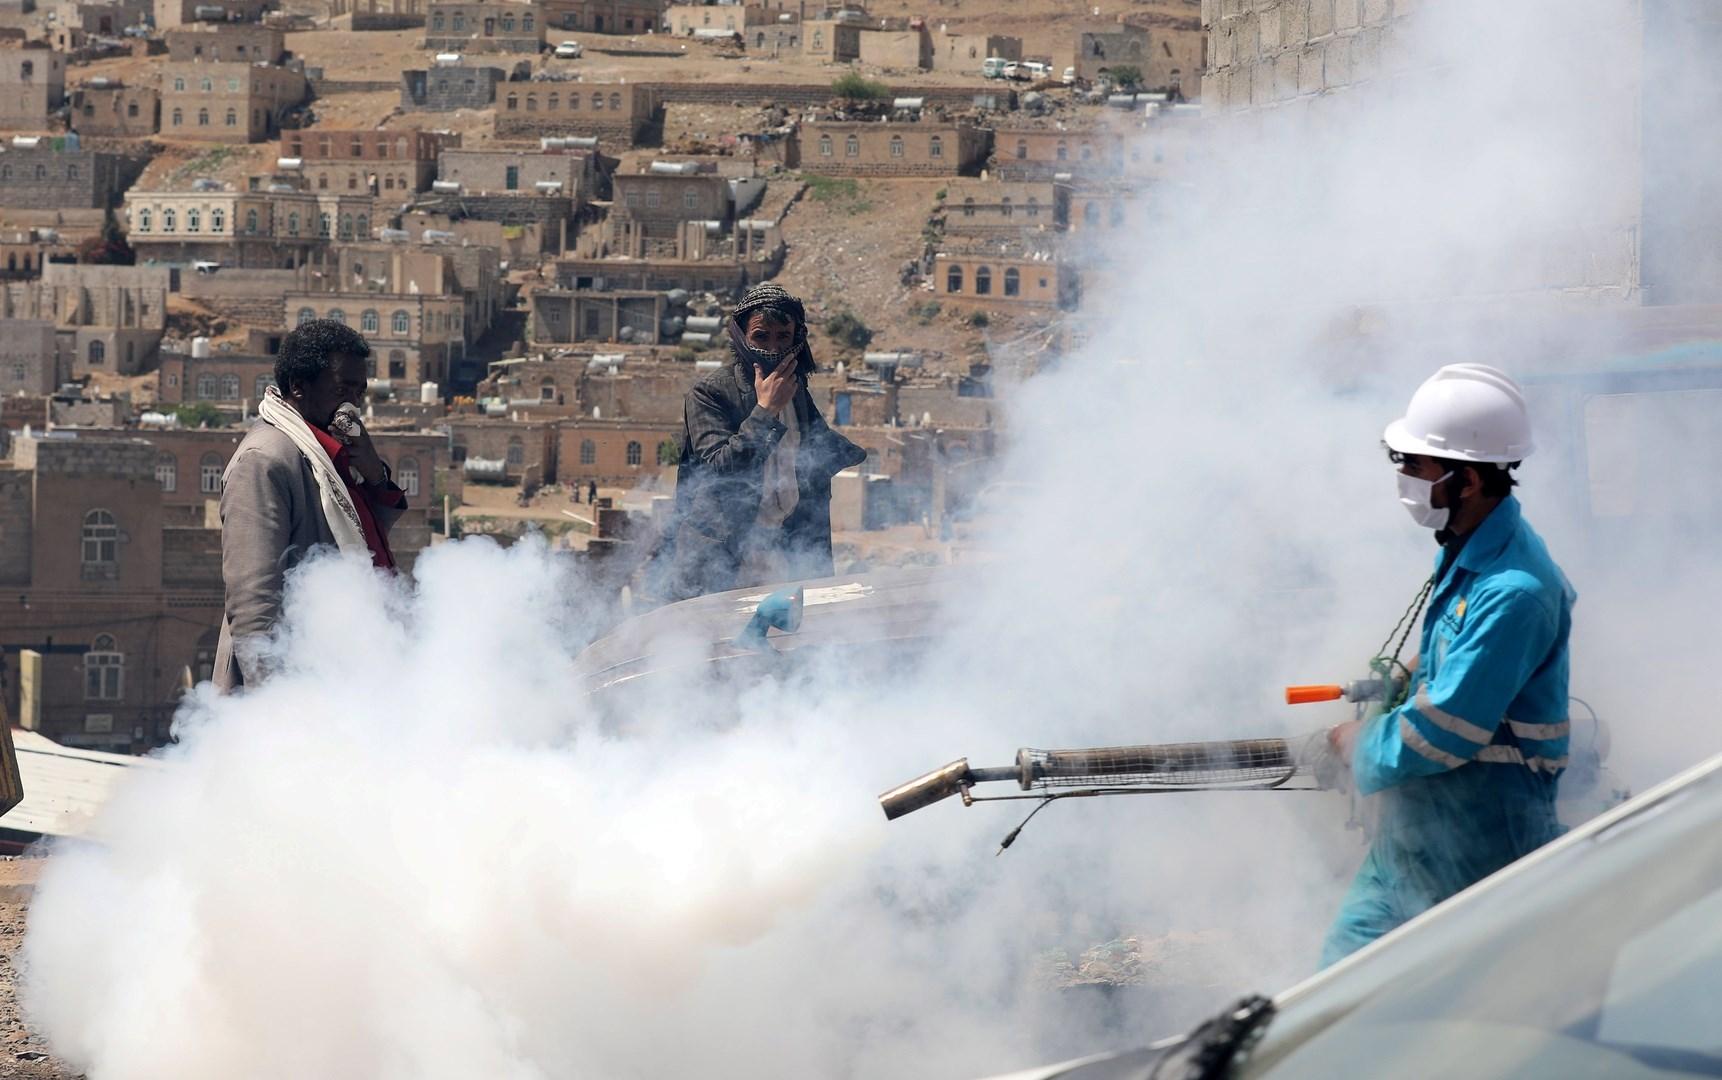 المنظمة الدولية للهجرة: الوضع في اليمن على شفير الانهيار بسبب كورونا